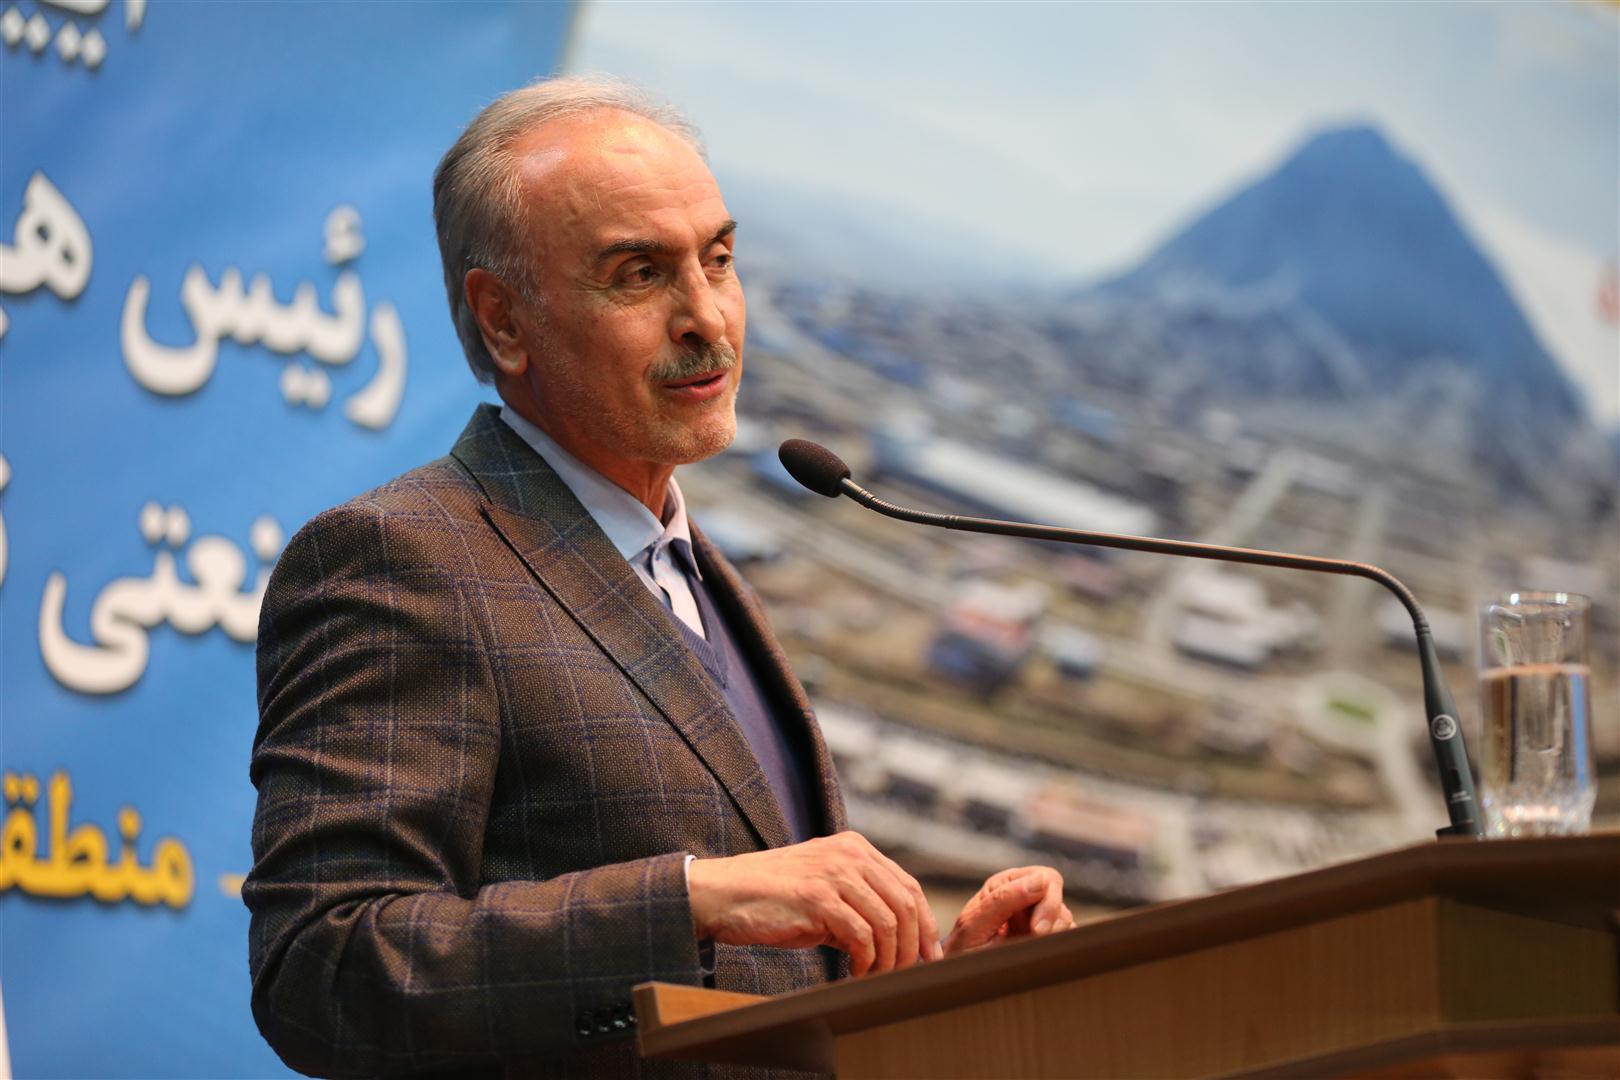 آزادسازی بخشی از اراضی کیامکی و مراکان در محدوده منطقه آزاد ارس